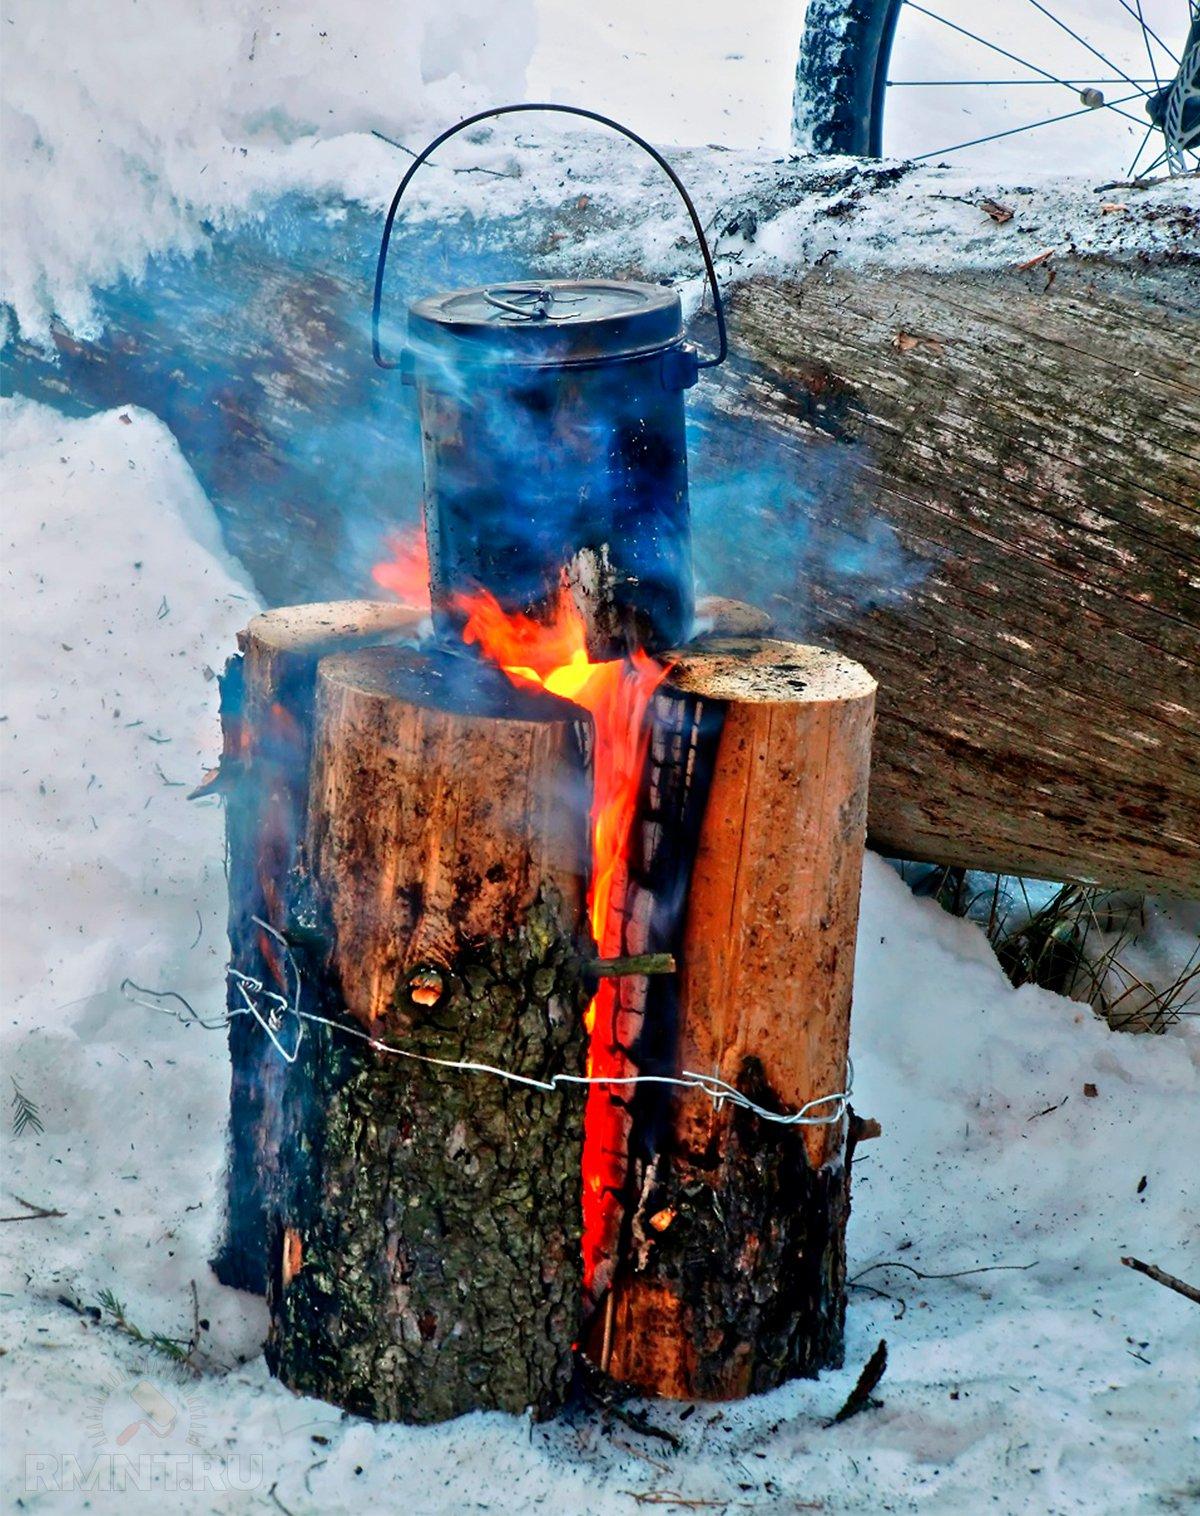 Шведская или финская свеча — самый простой очаг своими руками